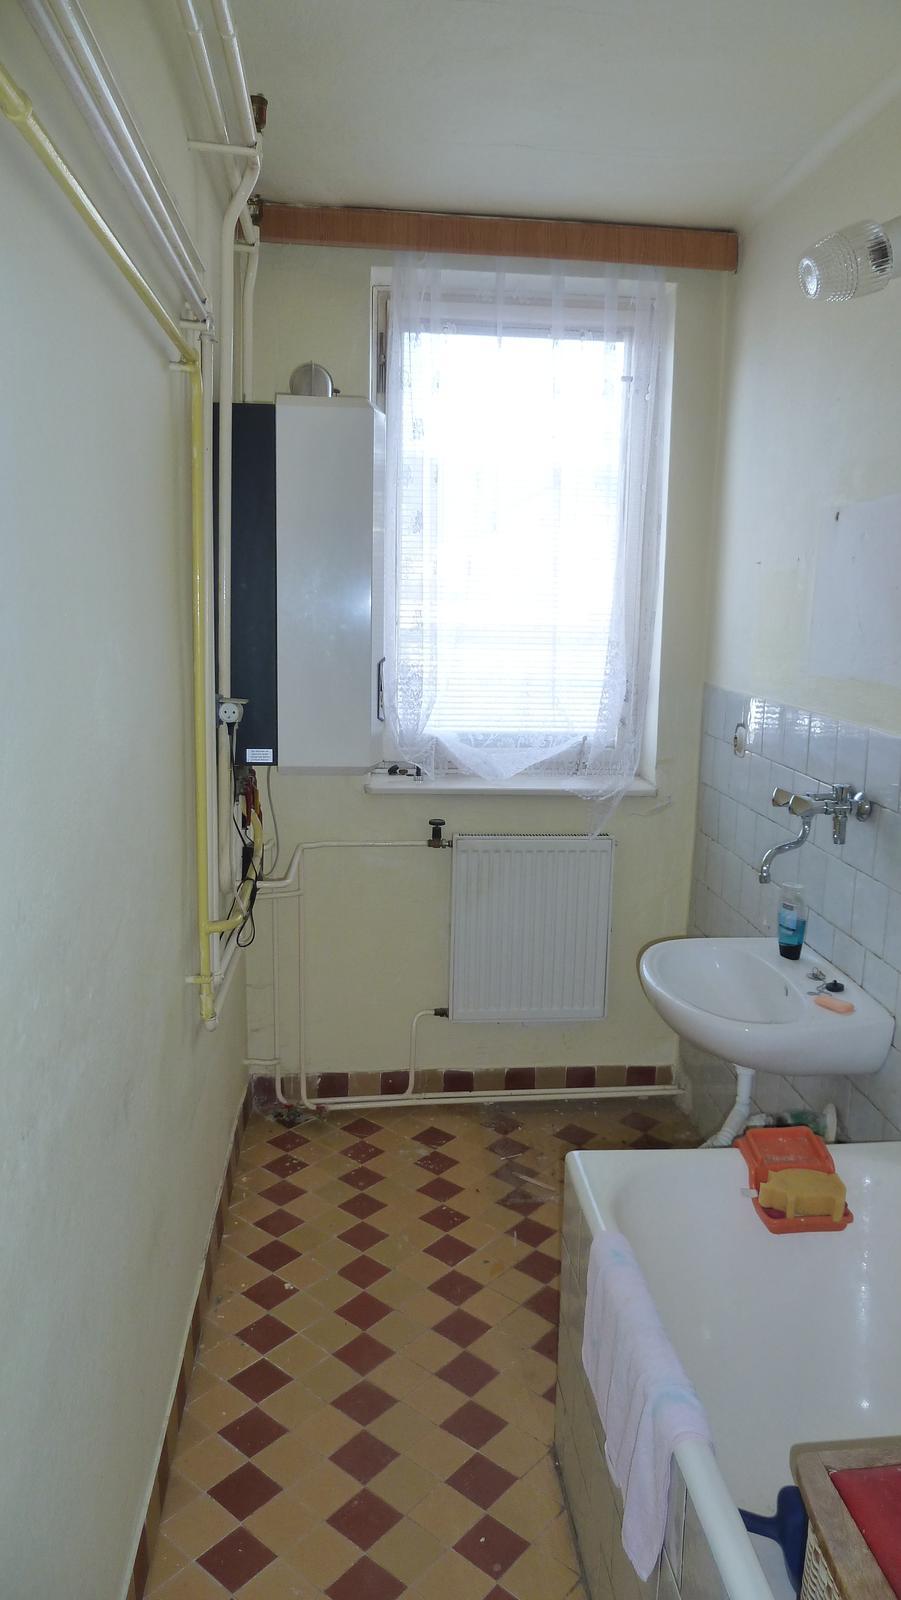 """Projekt: Nové bývanie ... - ... kúpelňa """"slížik"""" ..."""